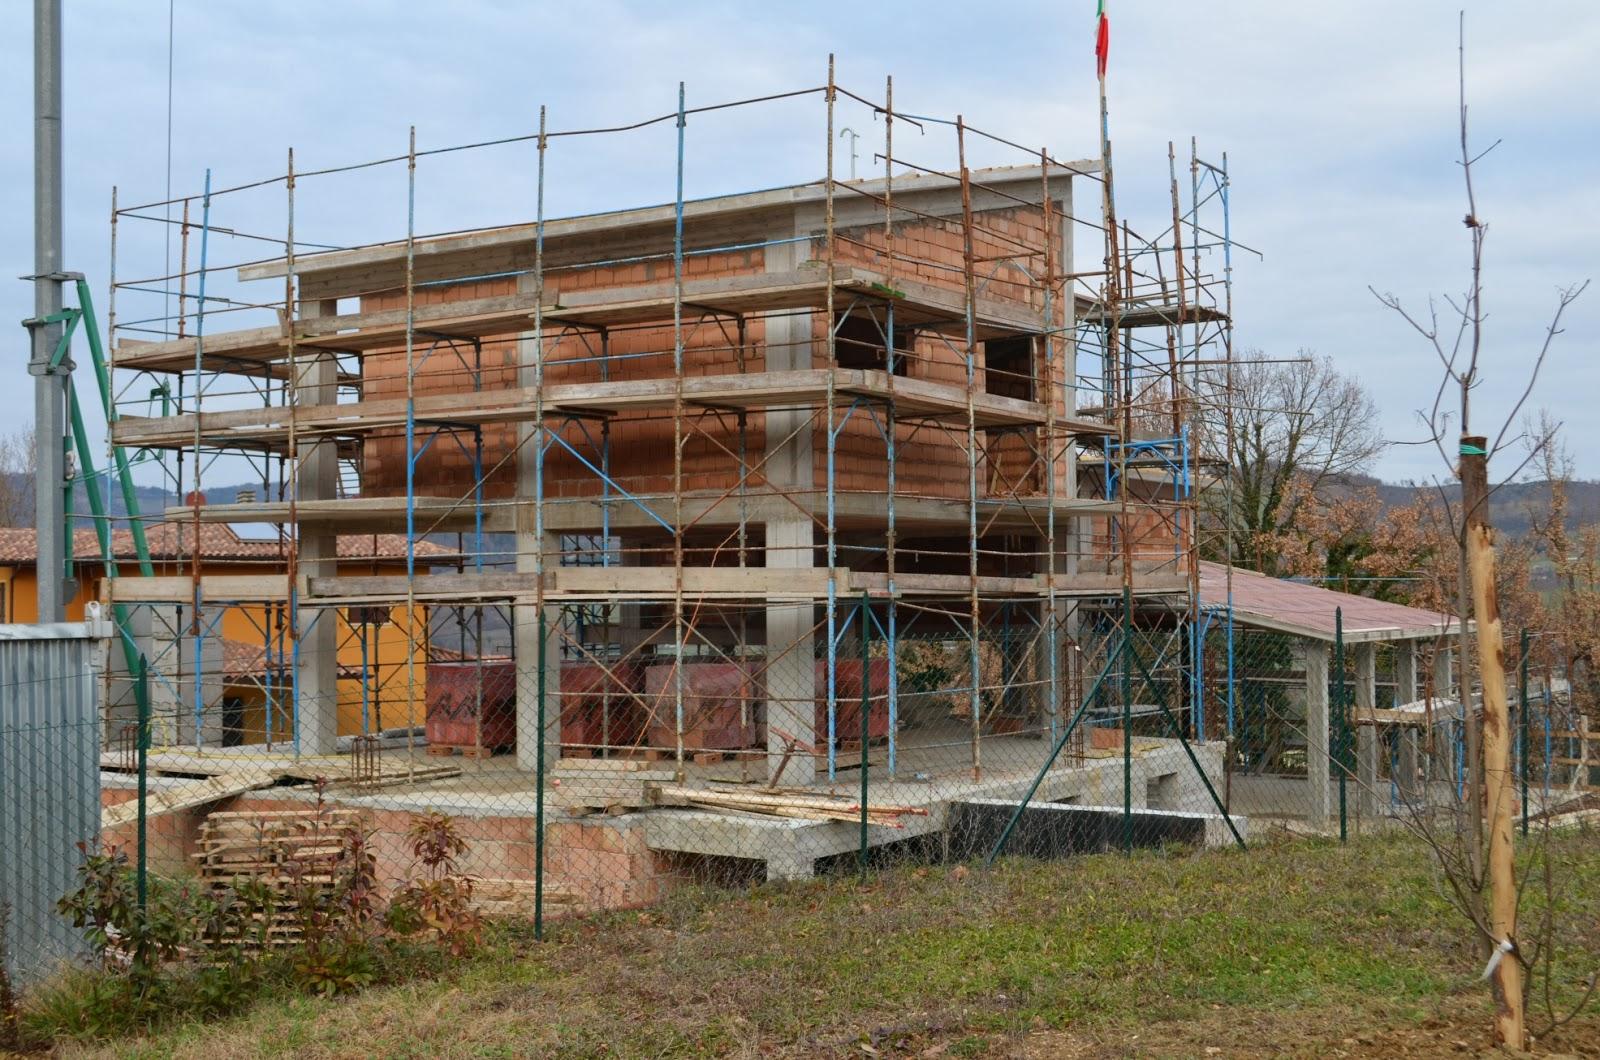 Casa delle ginestre fine d 39 anno con i tamponamenti esterni - Tamponamenti esterni ...